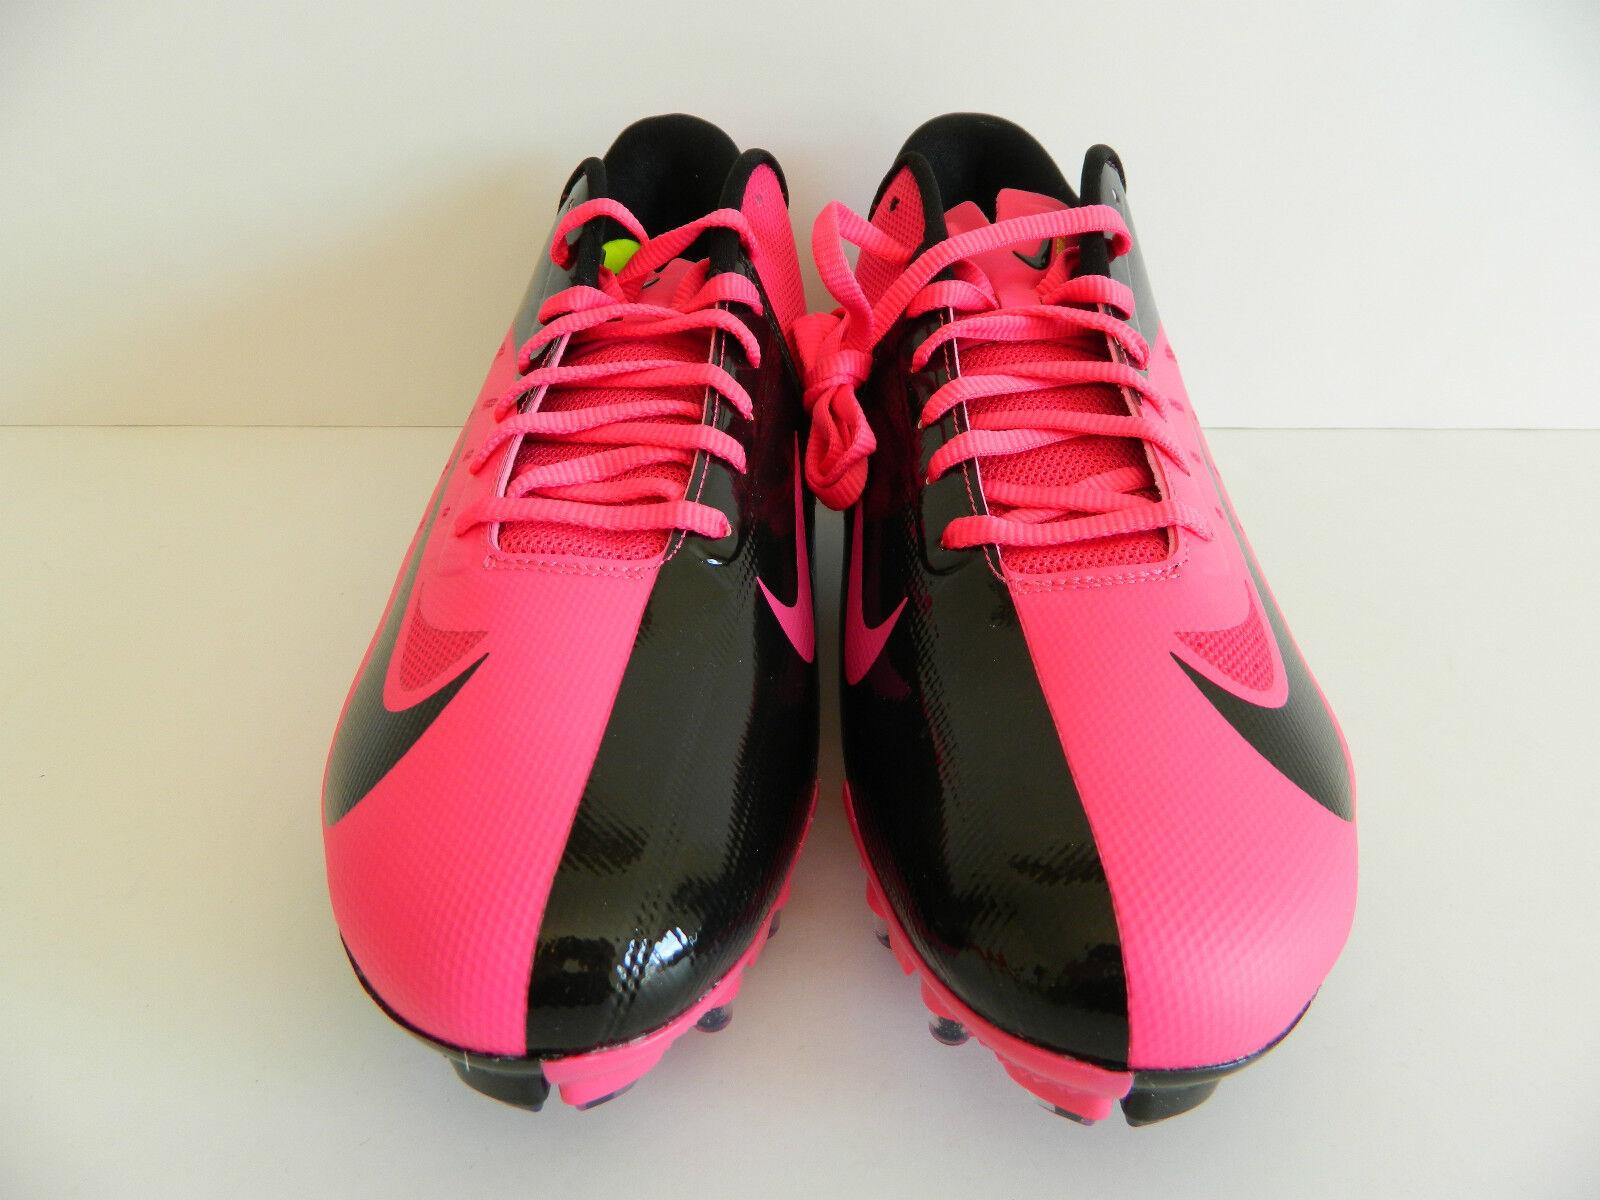 Nike vapor elite talon elite vapor gering (lebhaften rosa / schwarz) (500068 600) new in box!!!!!!! 444ddc